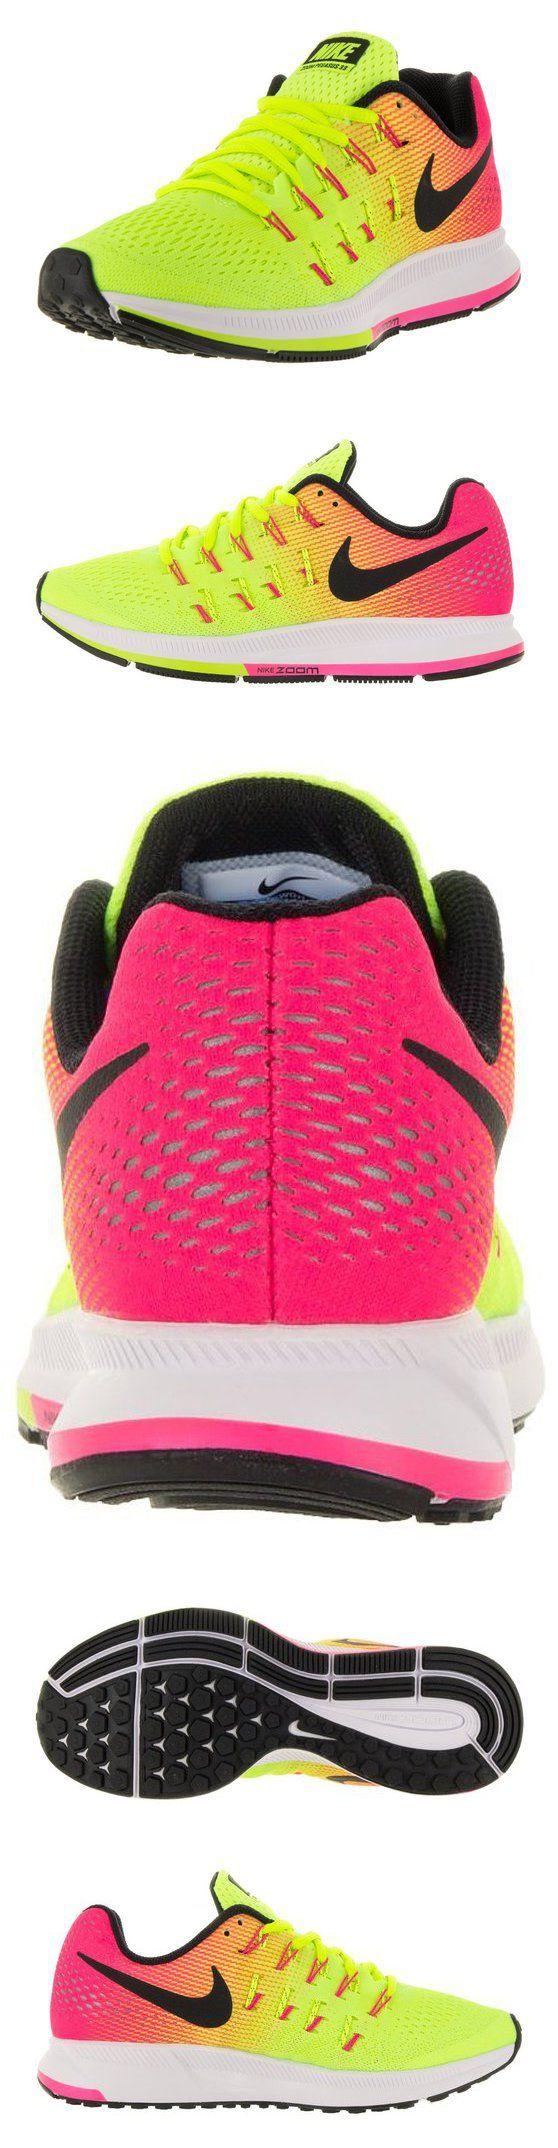 $110 - Nike Women's Air Zoom Pegasus 33 OC Multi Color/Multi Color Running Shoe 9 Women US #shoes #nike #2016